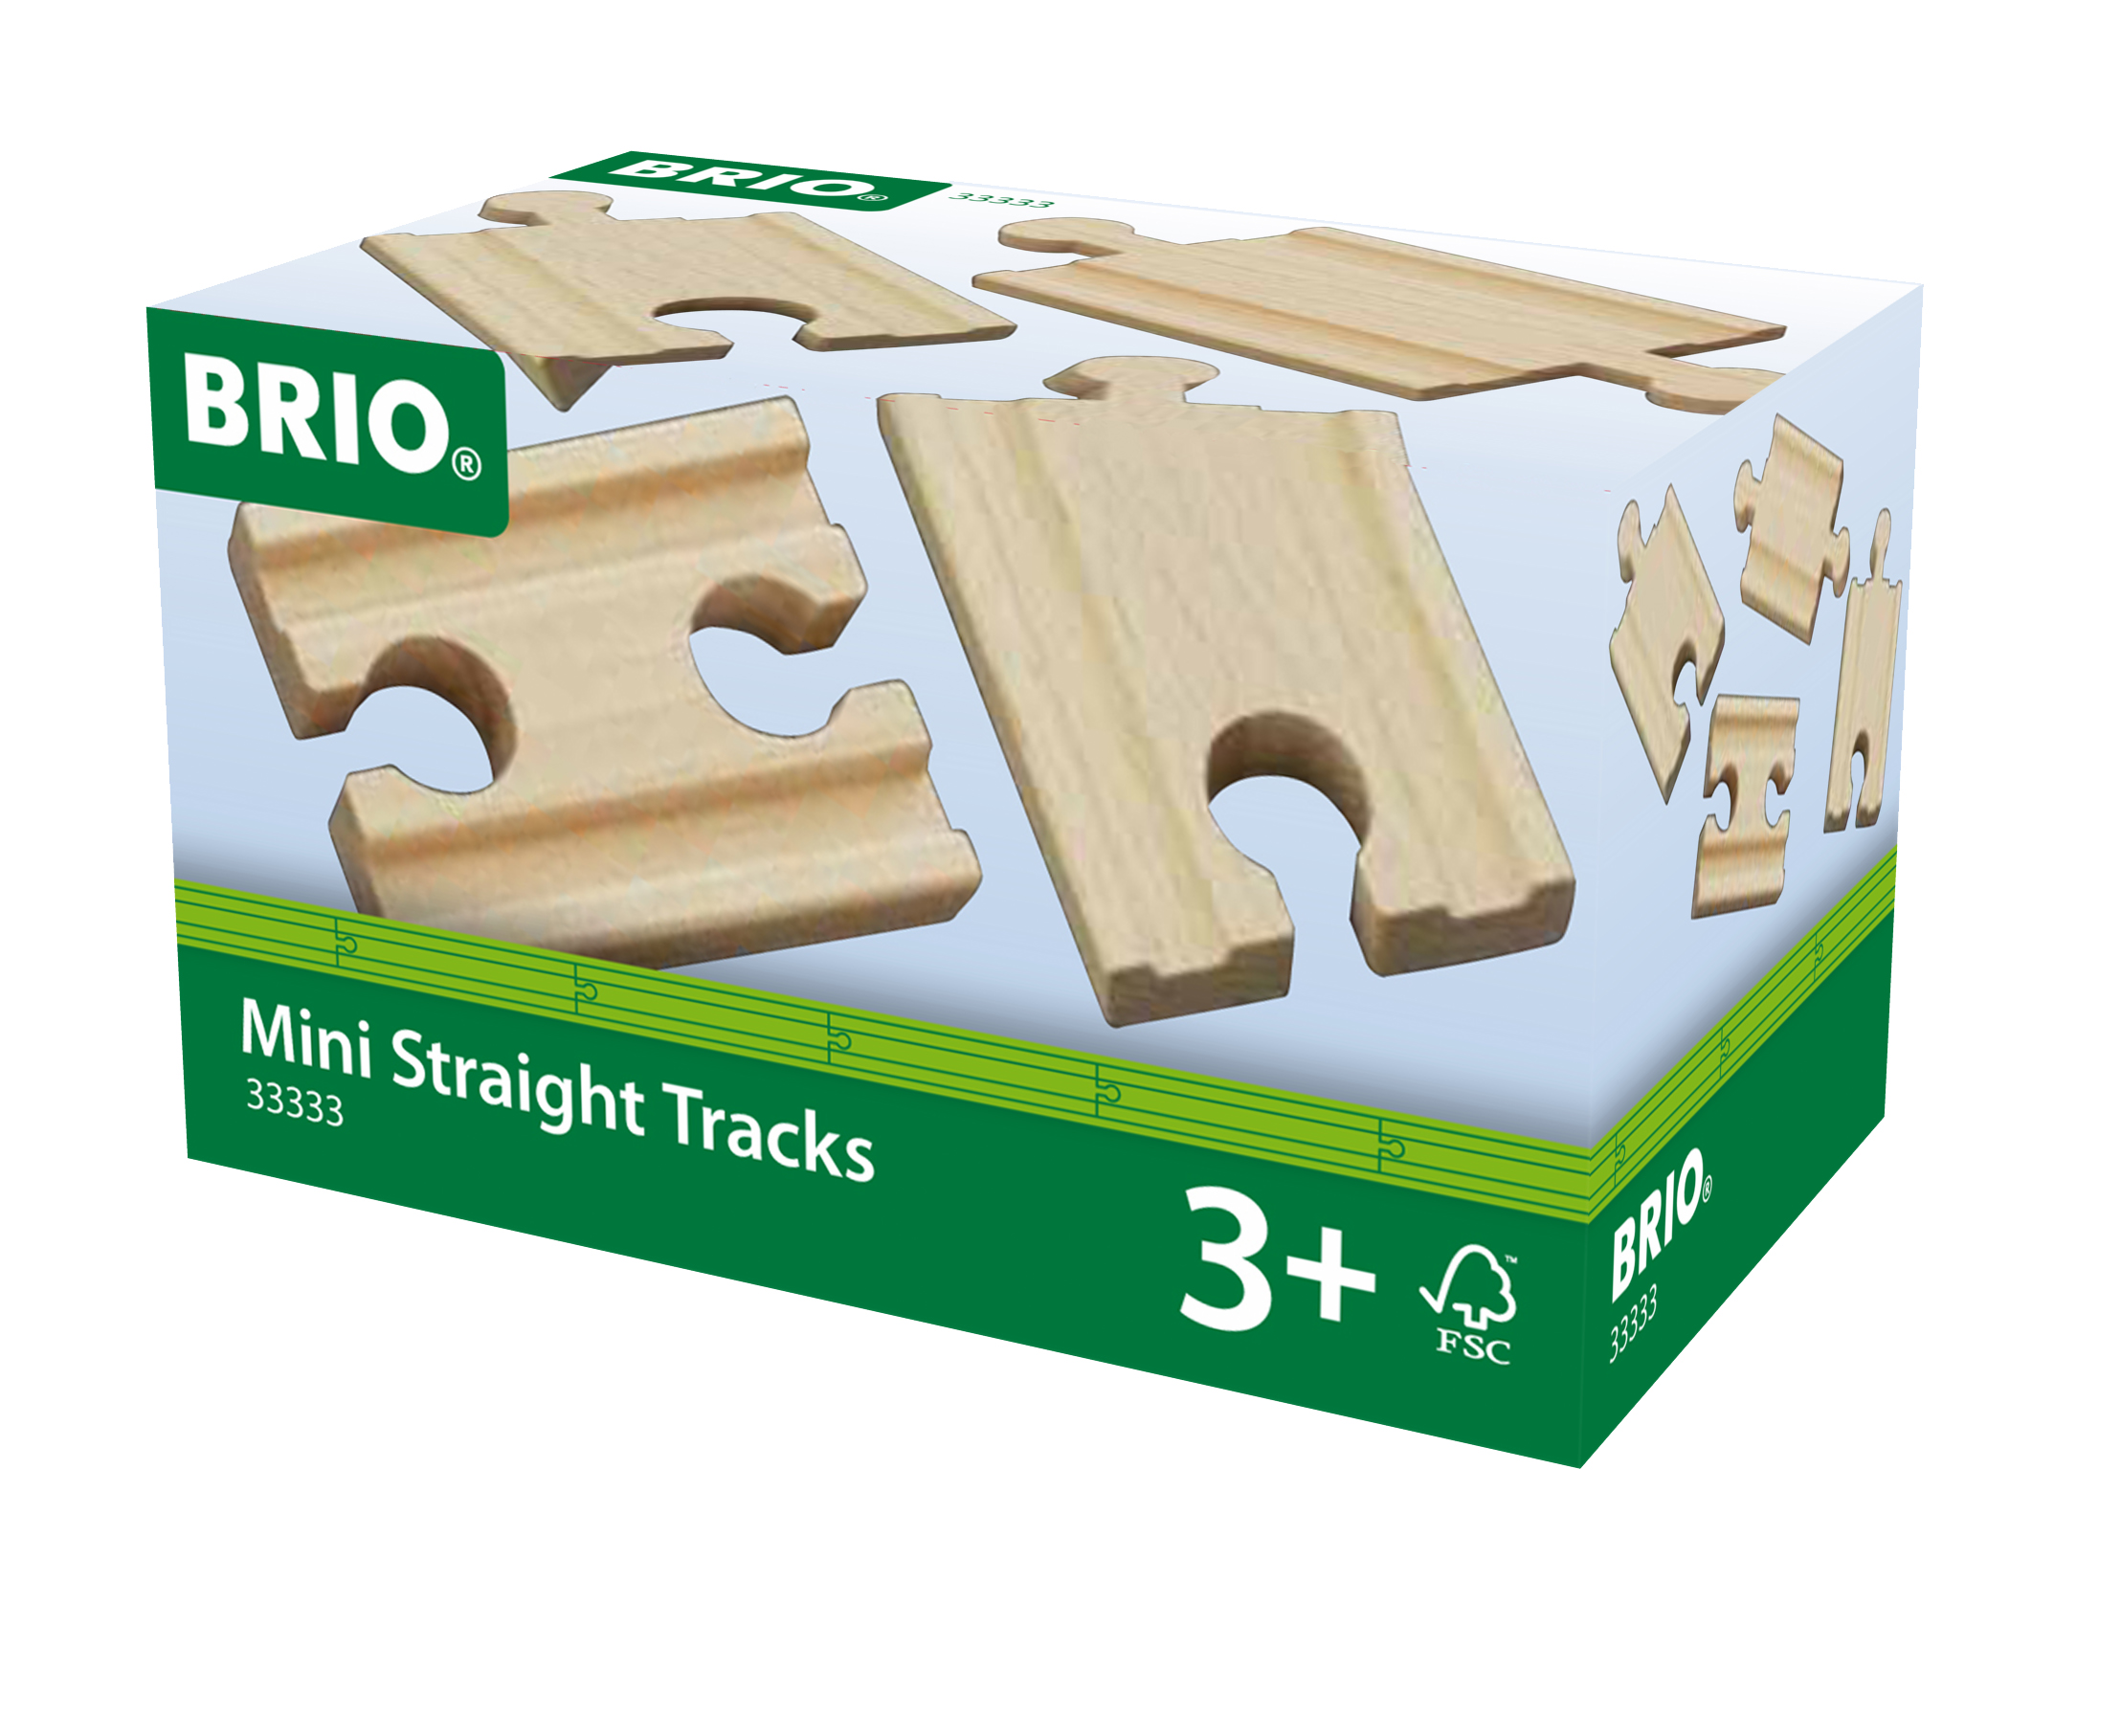 Brio binari dritti mini - BRIO